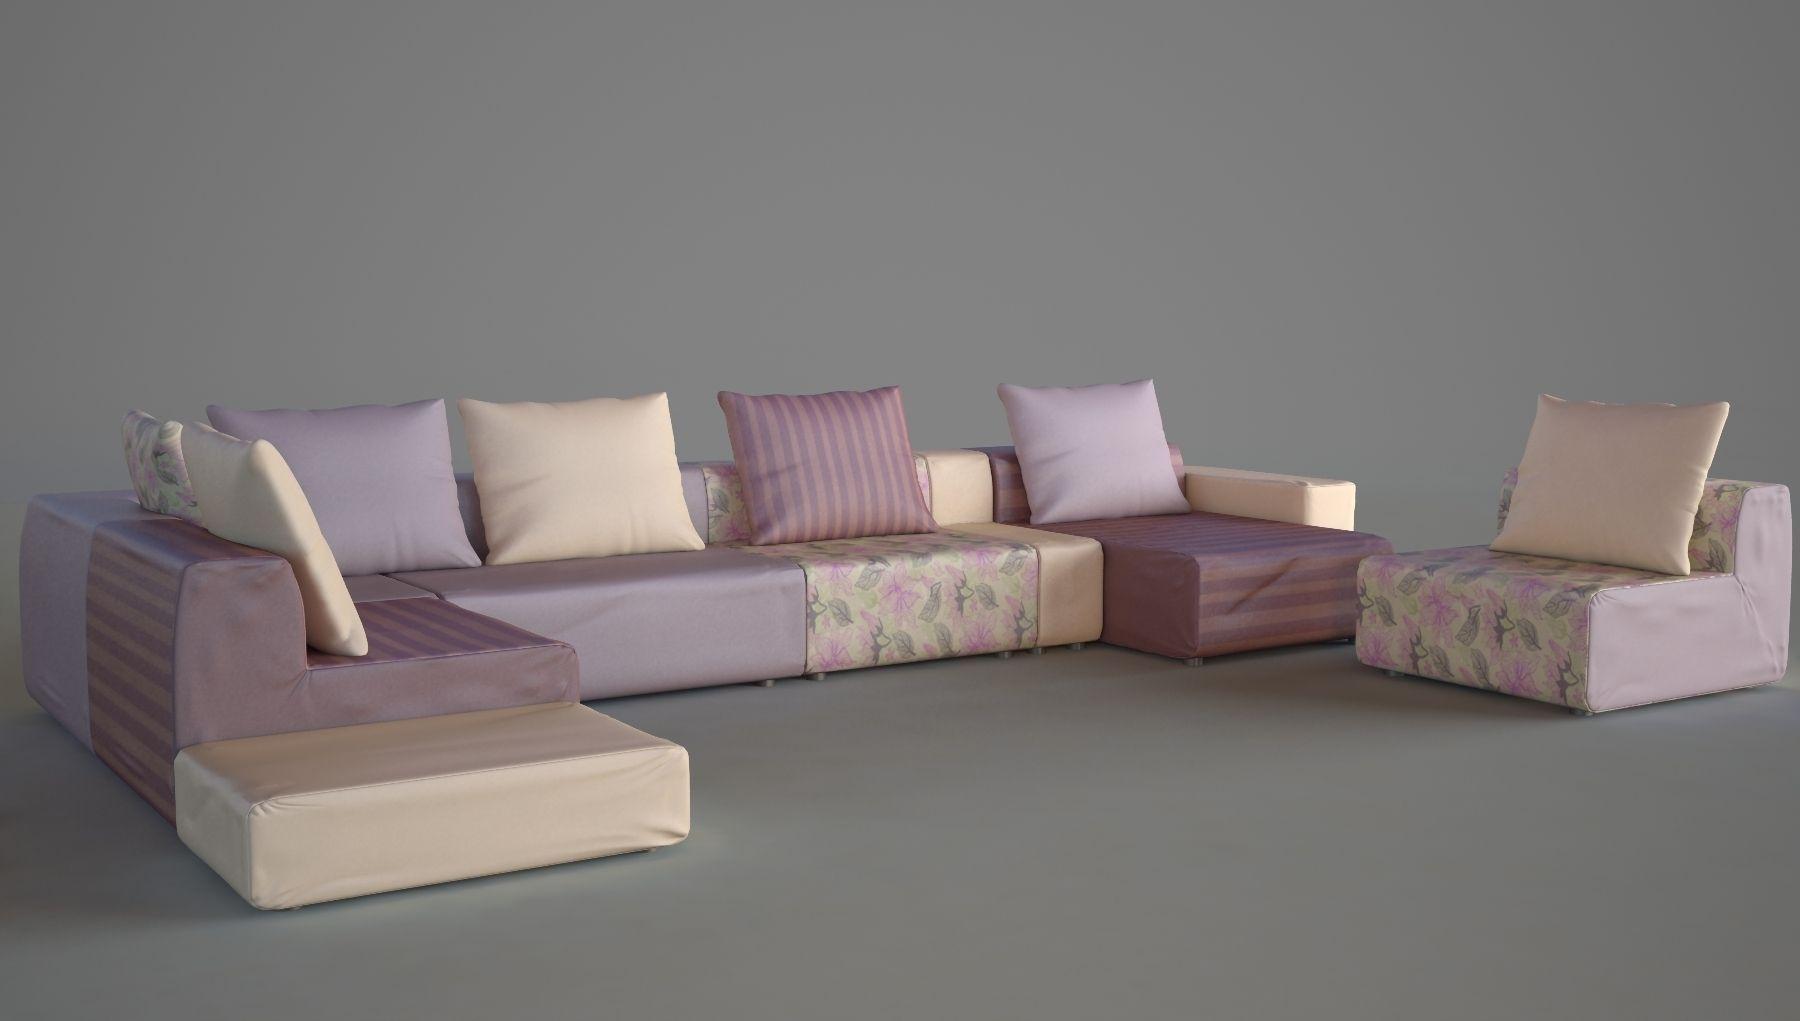 Sofa bed 3d model max fbx for Sofa bed 3d model